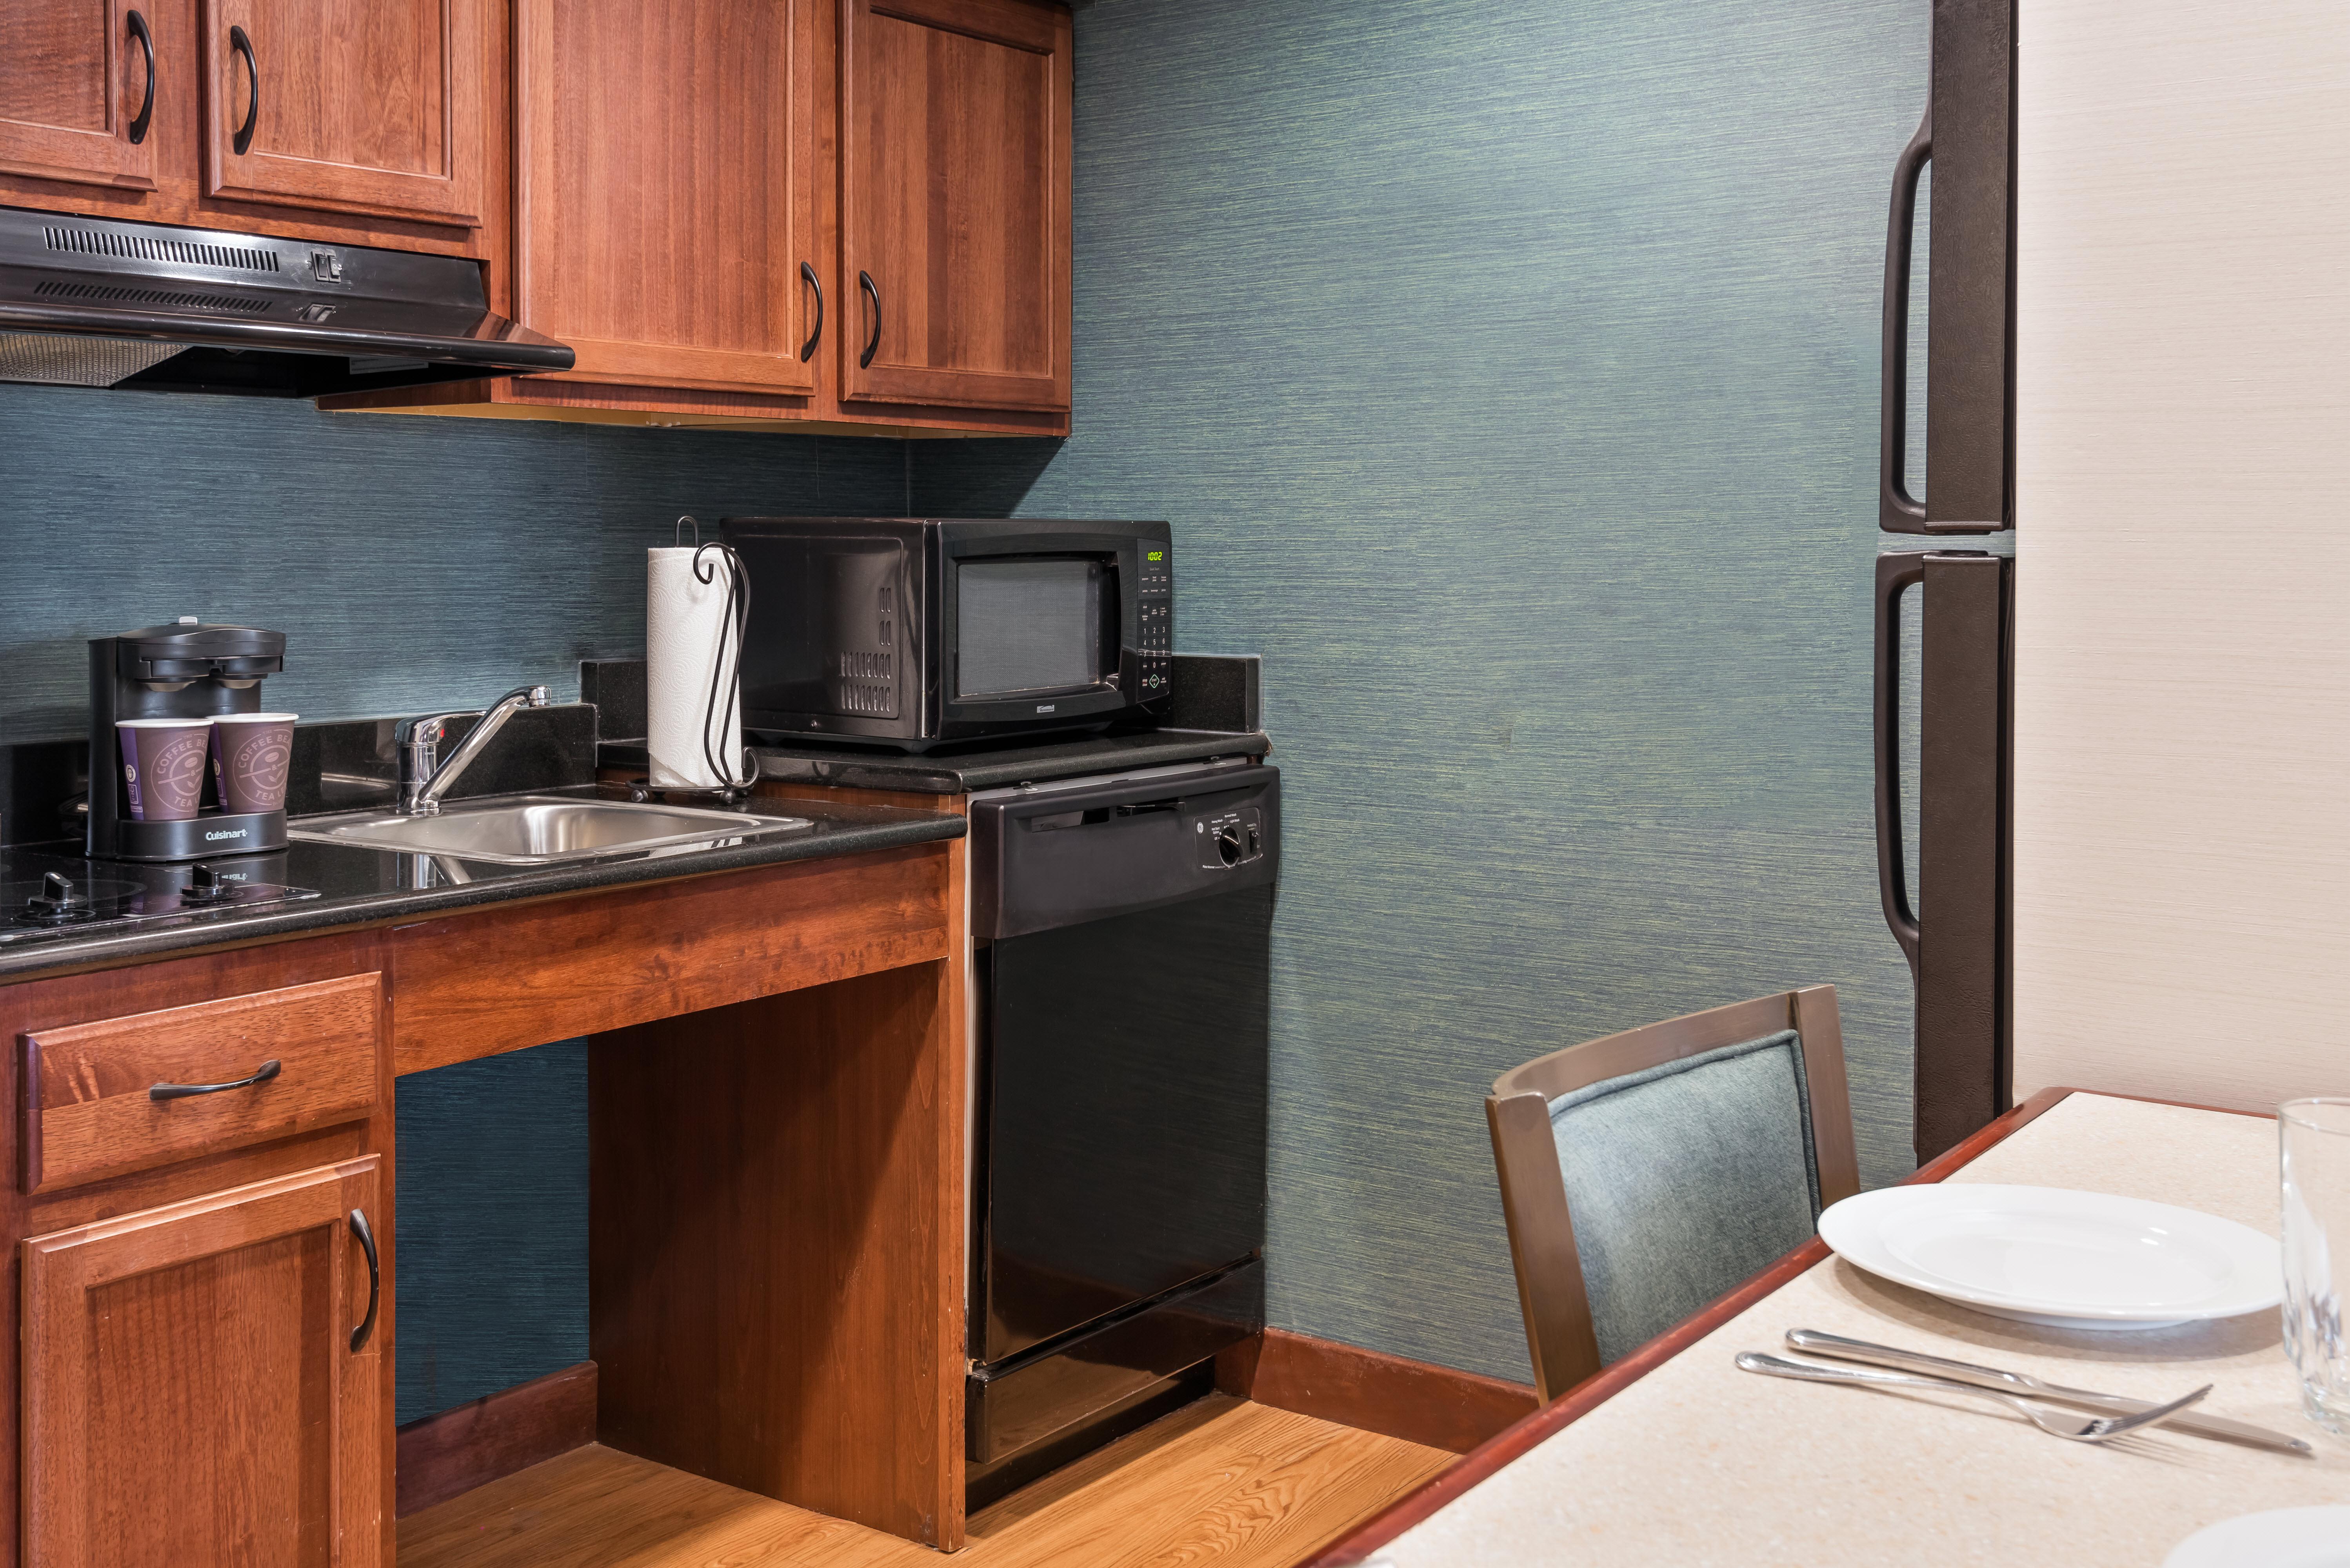 Homewood Suites by Hilton Cleveland-Beachwood image 14